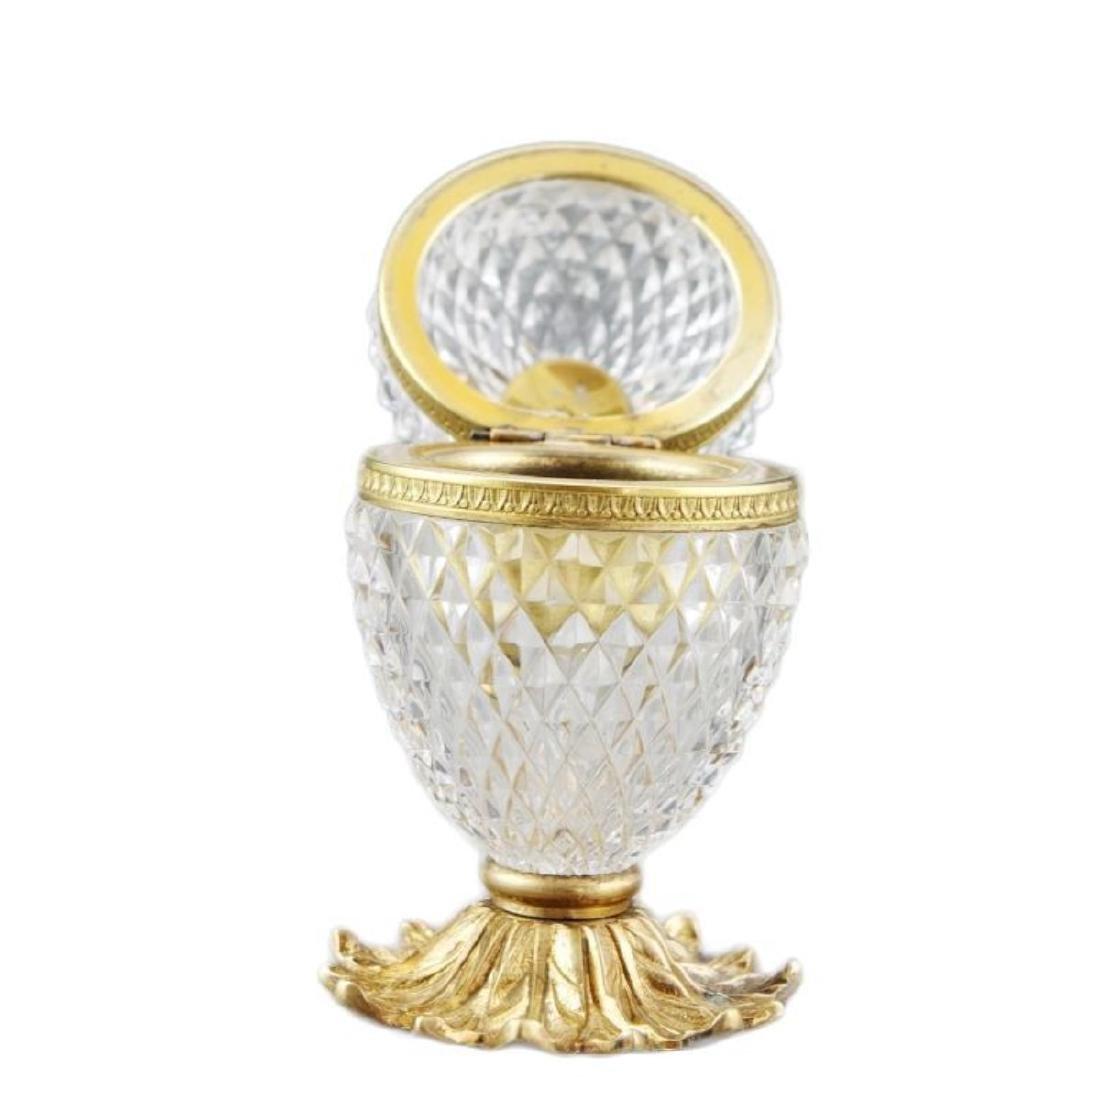 French Cut Crystal Jewel Casket Trinket Box - 4